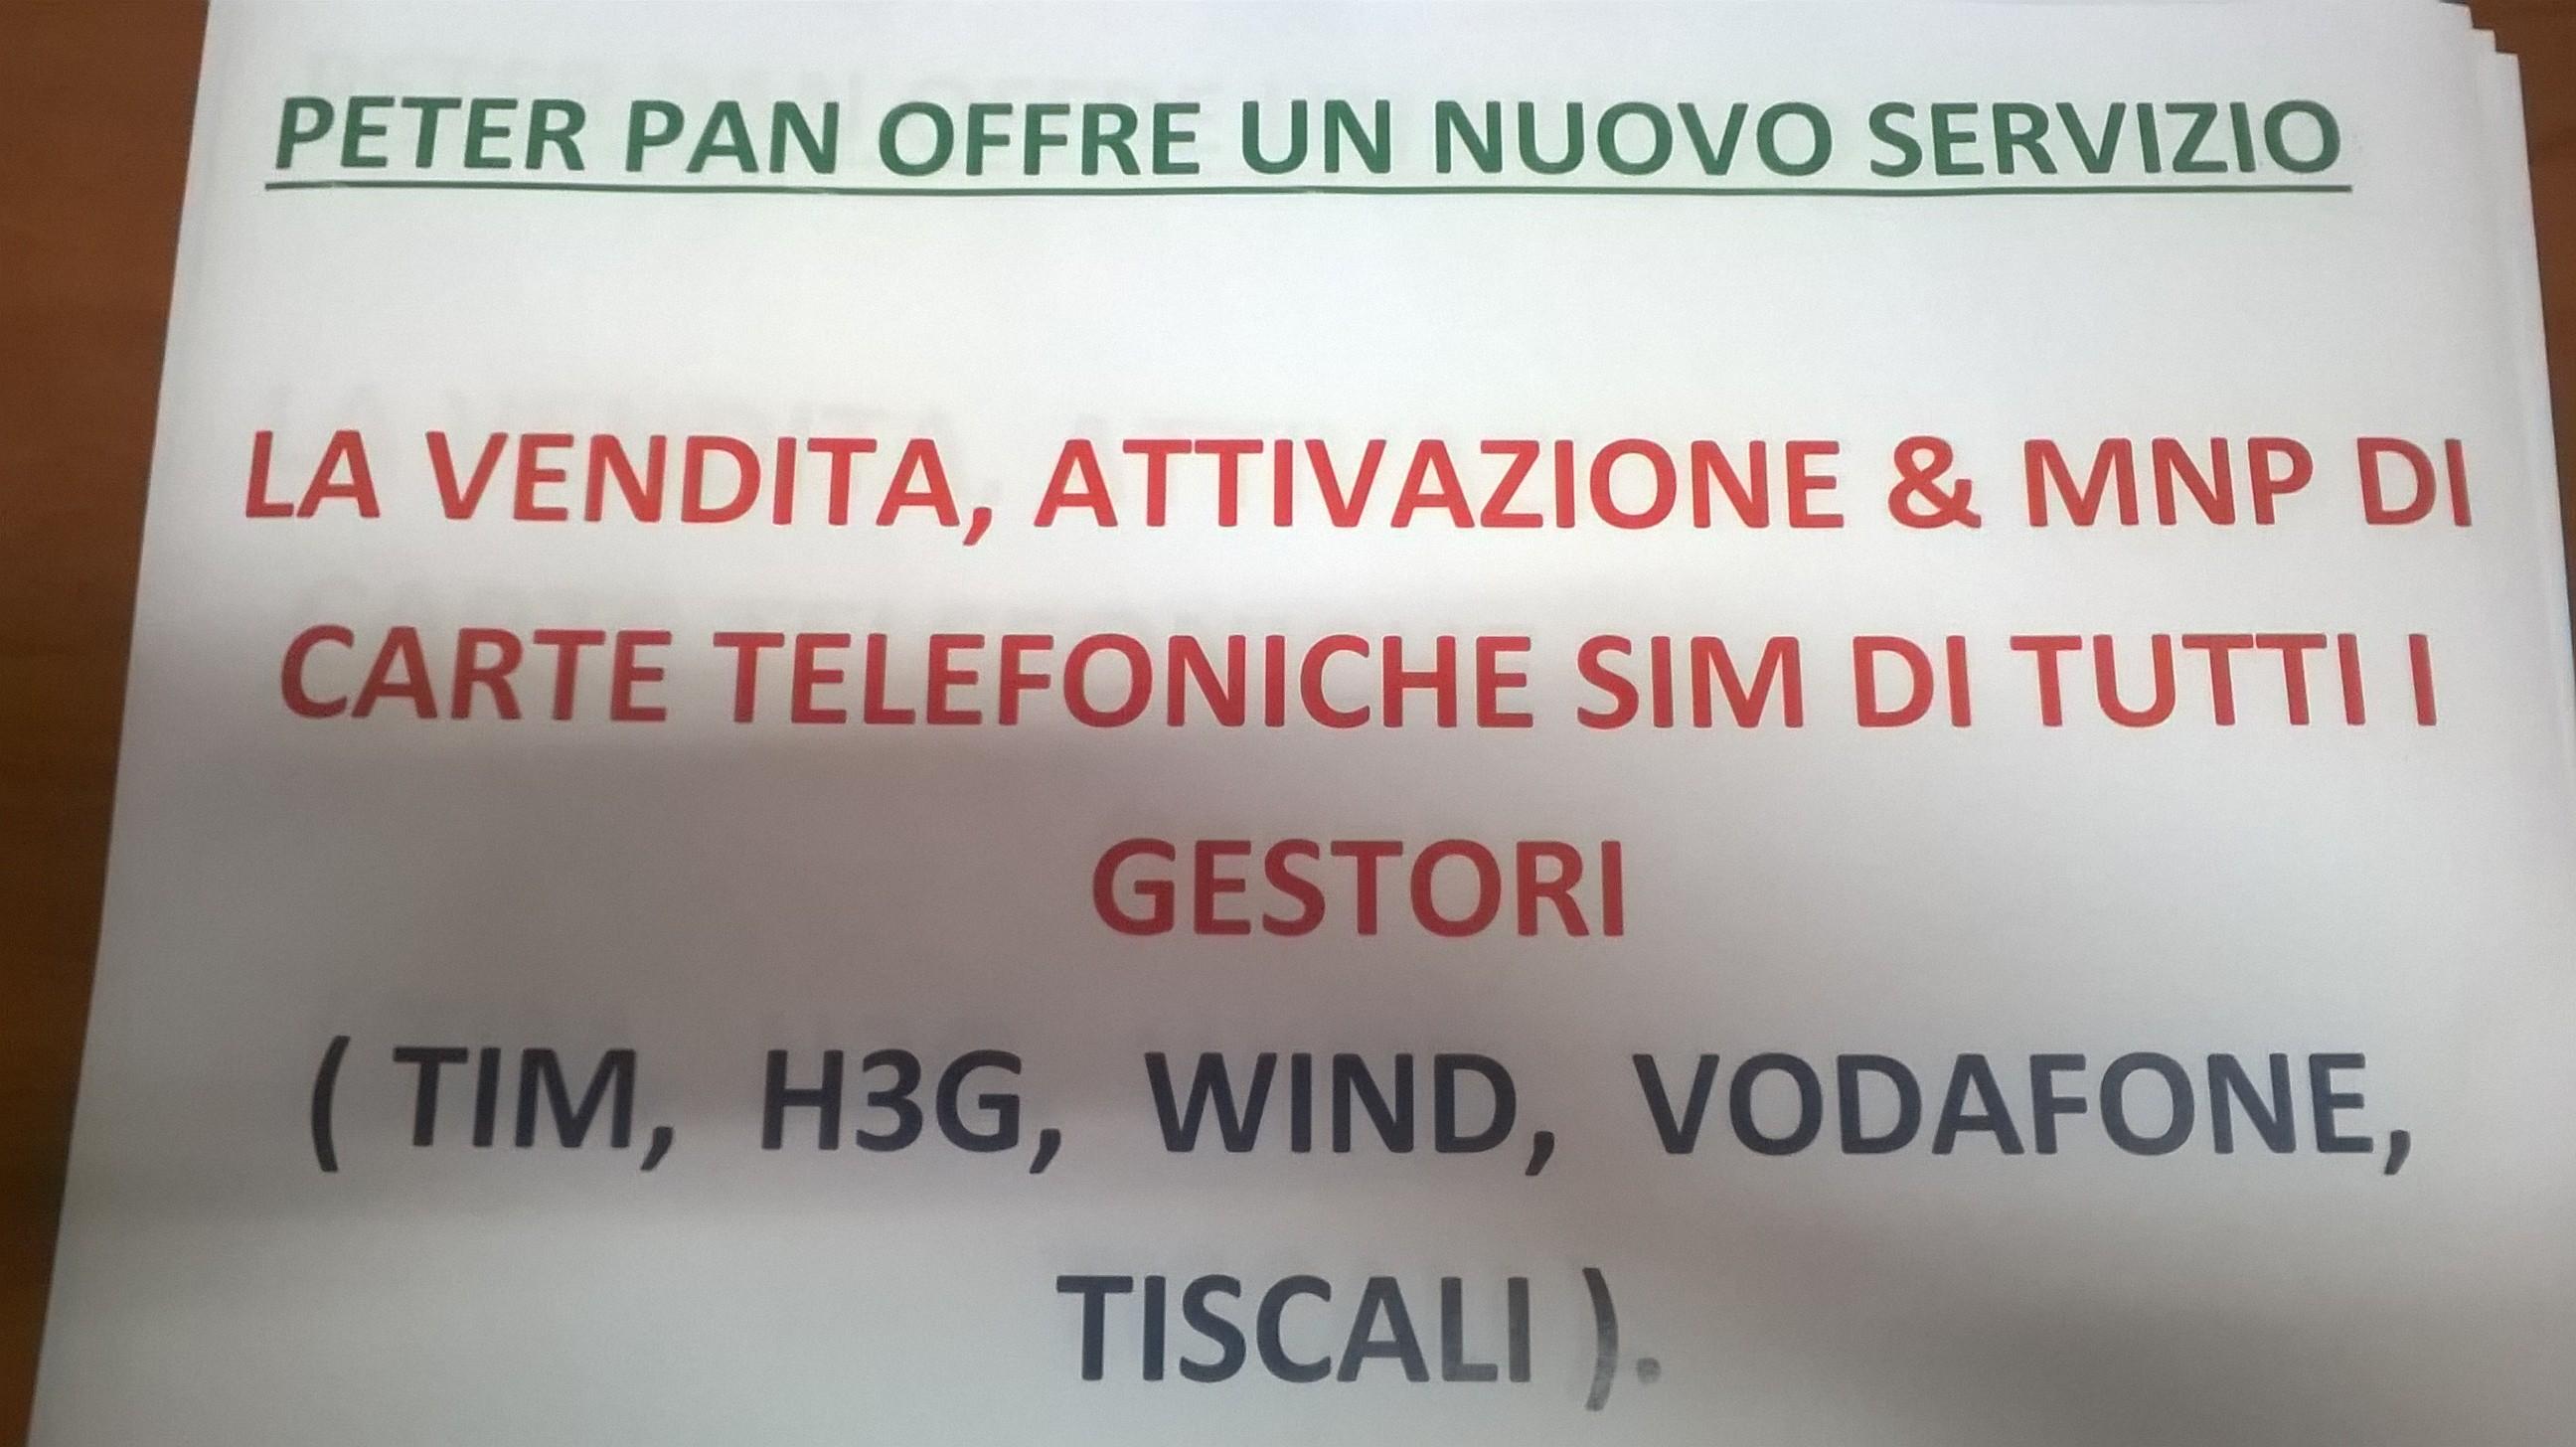 PETER PAN offre un nuovo servizio di vendita ed attivazione di carte SIM di tutti i gestori telefonici